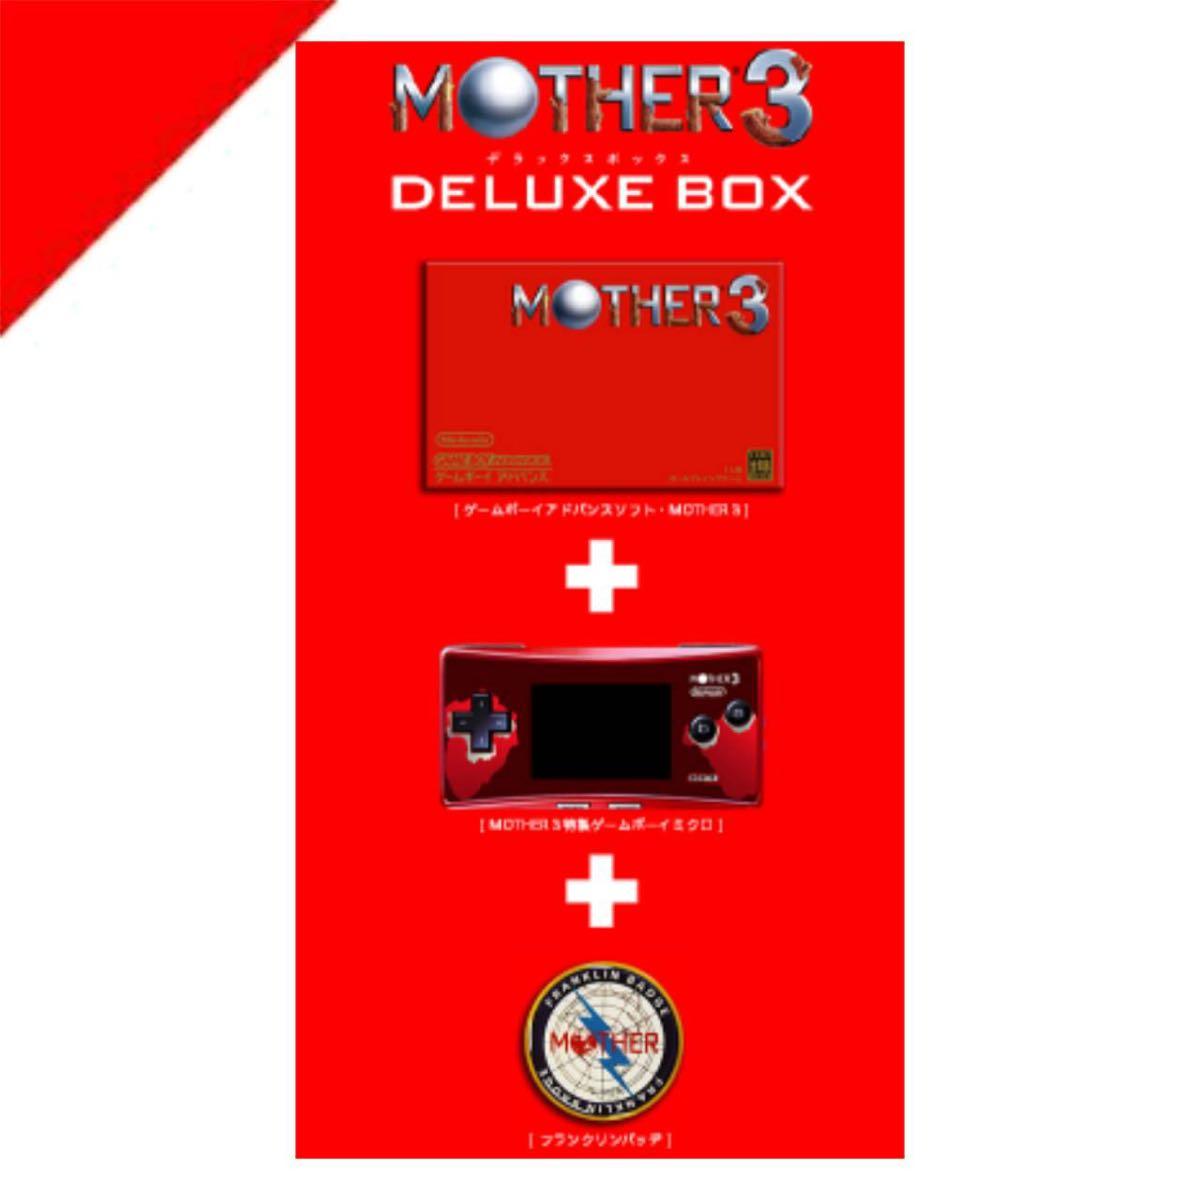 未開封品/任天堂/MOTHER3(マザー3) DELUXE BOX/ゲームボーイ ミクロ(GAME BOY micro)